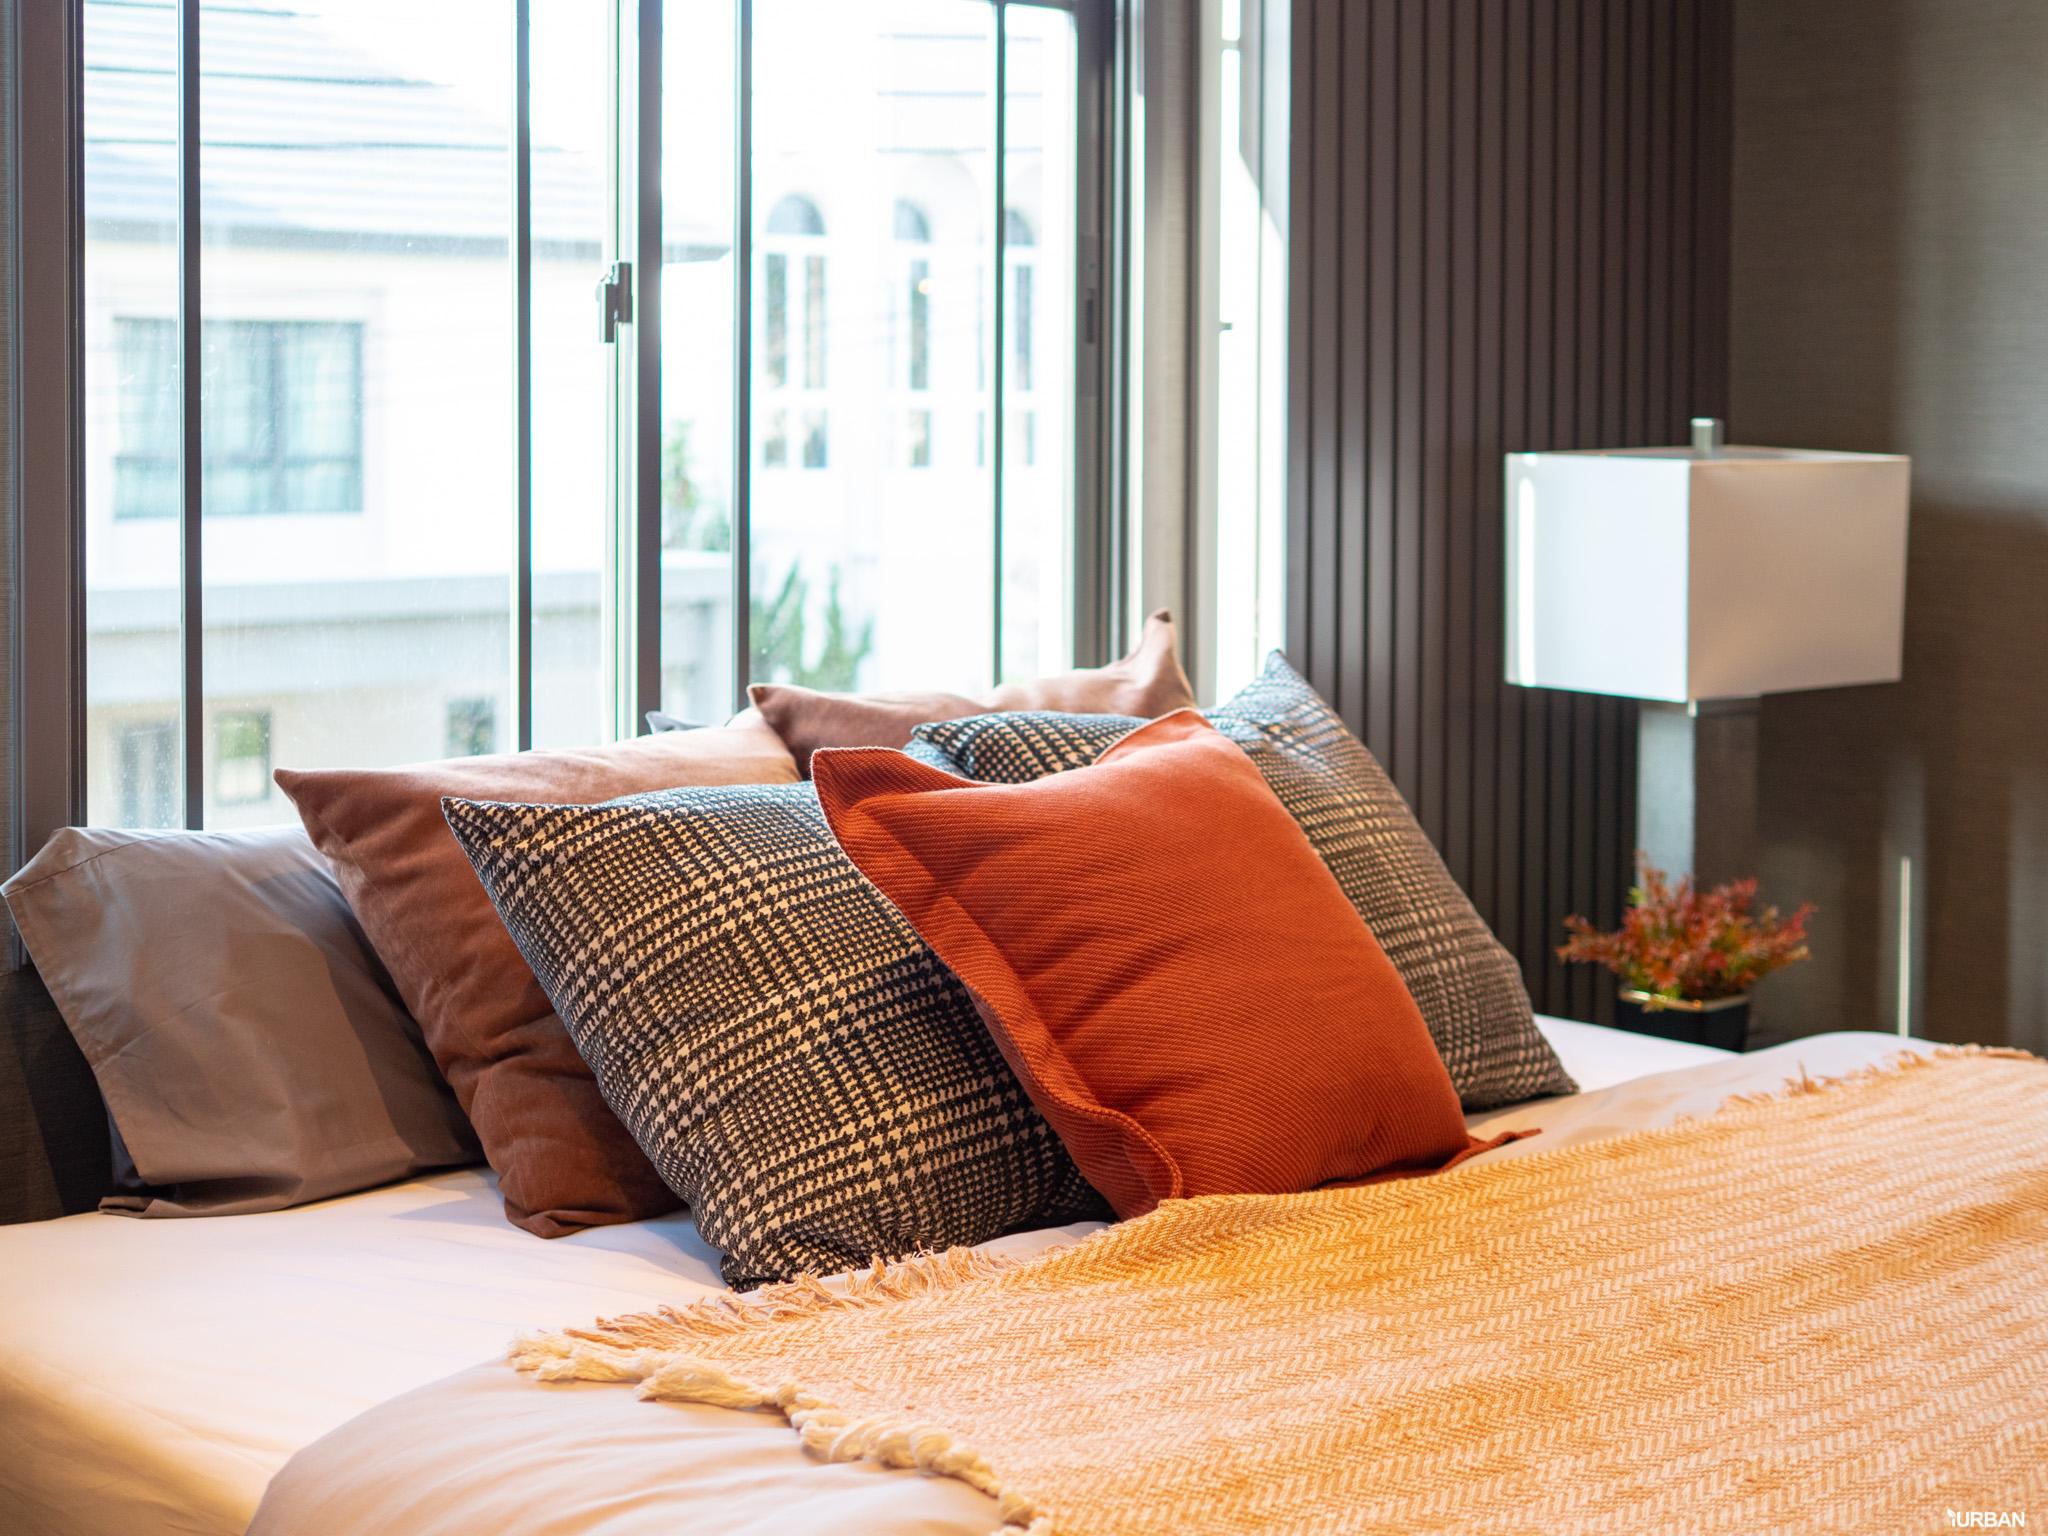 รีวิว บางกอก บูเลอวาร์ด รามอินทรา-เสรีไทย 2 <br>บ้านเดี่ยวสไตล์ Luxury Nordic เพียง 77 ครอบครัว</br> 61 - Boulevard